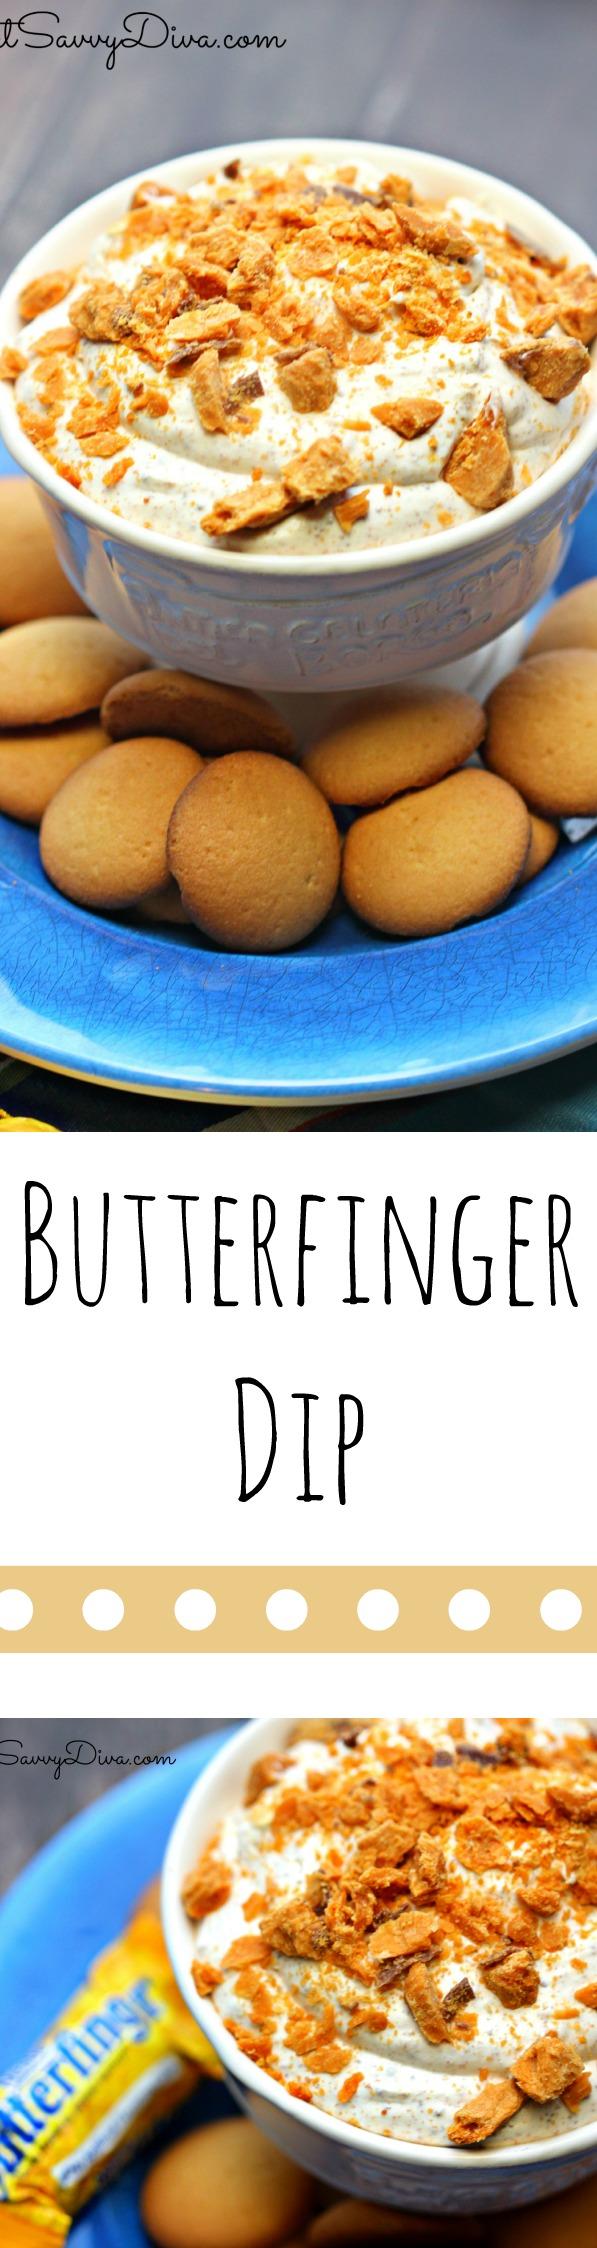 Butterfinger Dip FINAL